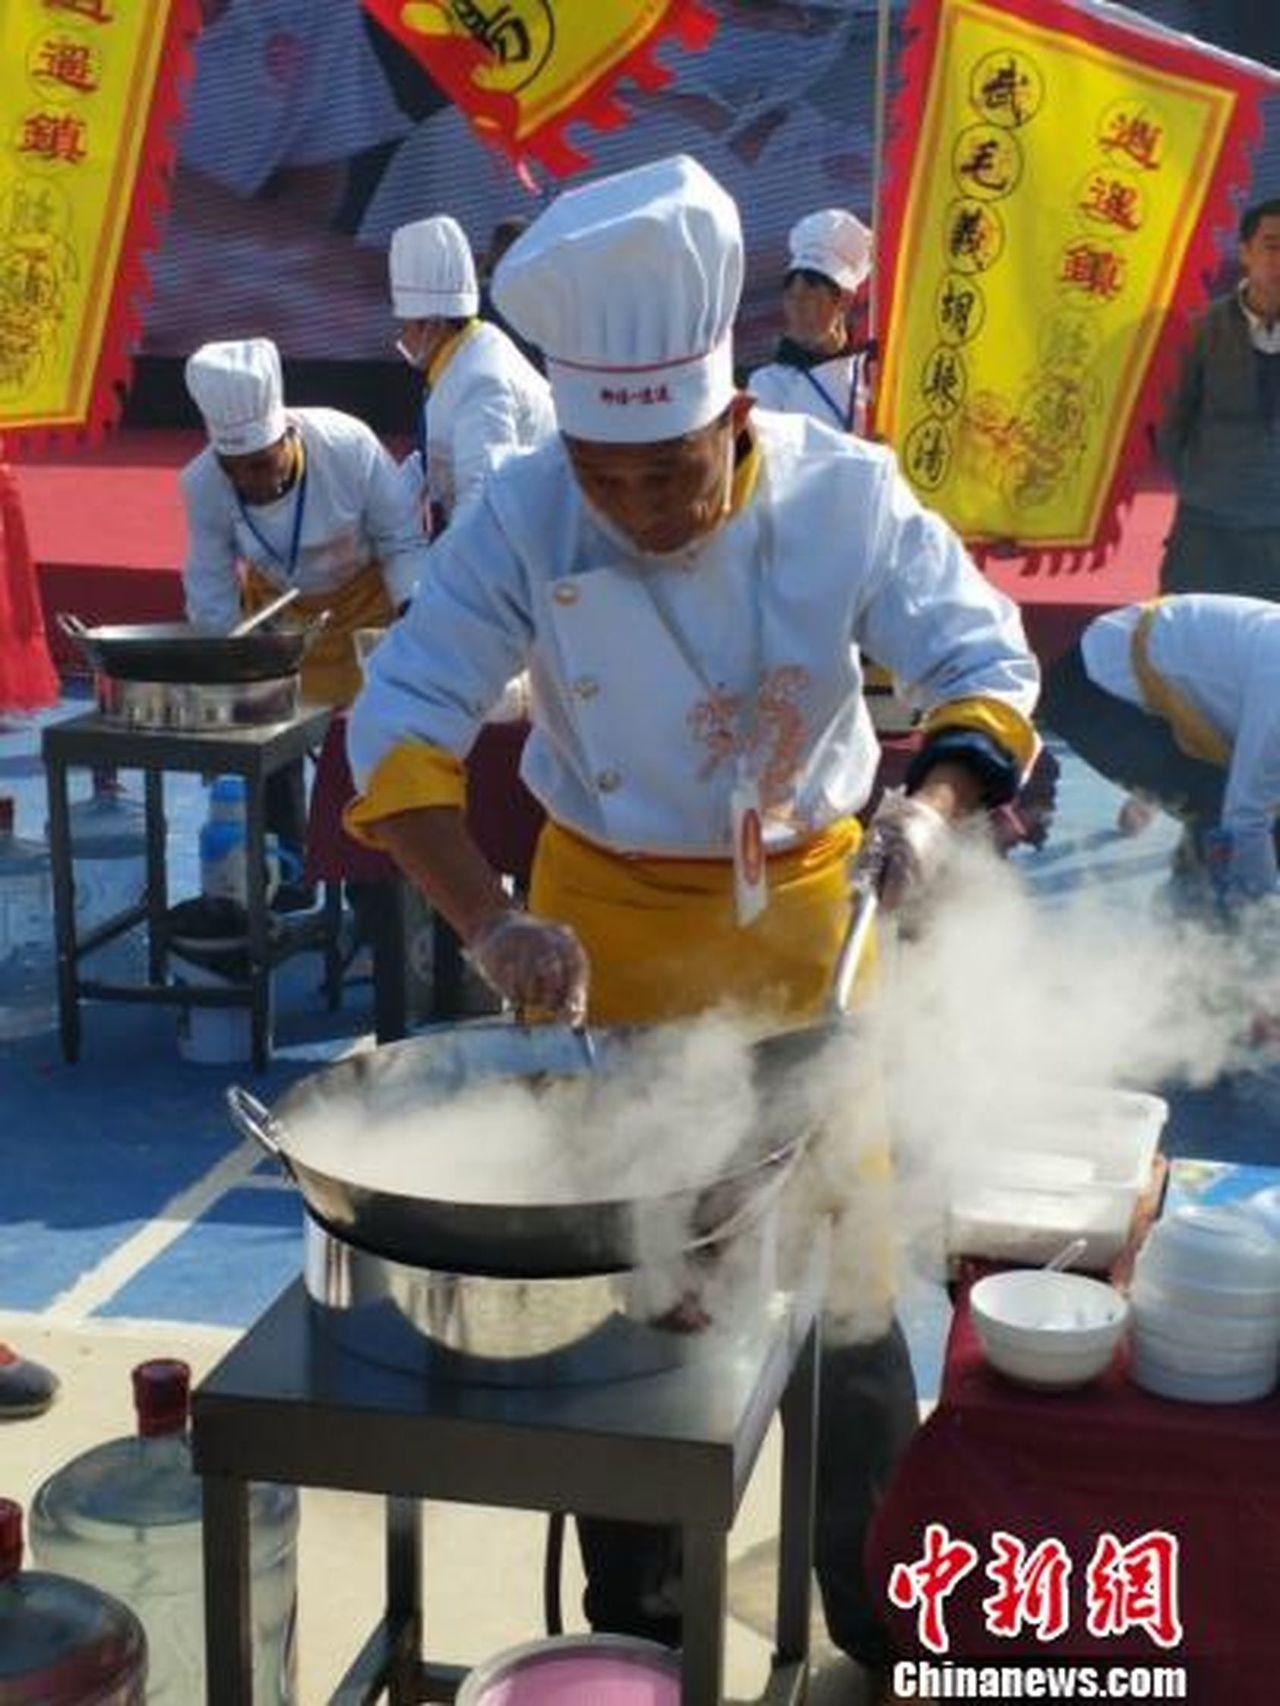 胡辣湯大賽29日在河南省西華縣逍遙鎮舉行,40位名震一方的胡辣湯高手參與角逐。一...